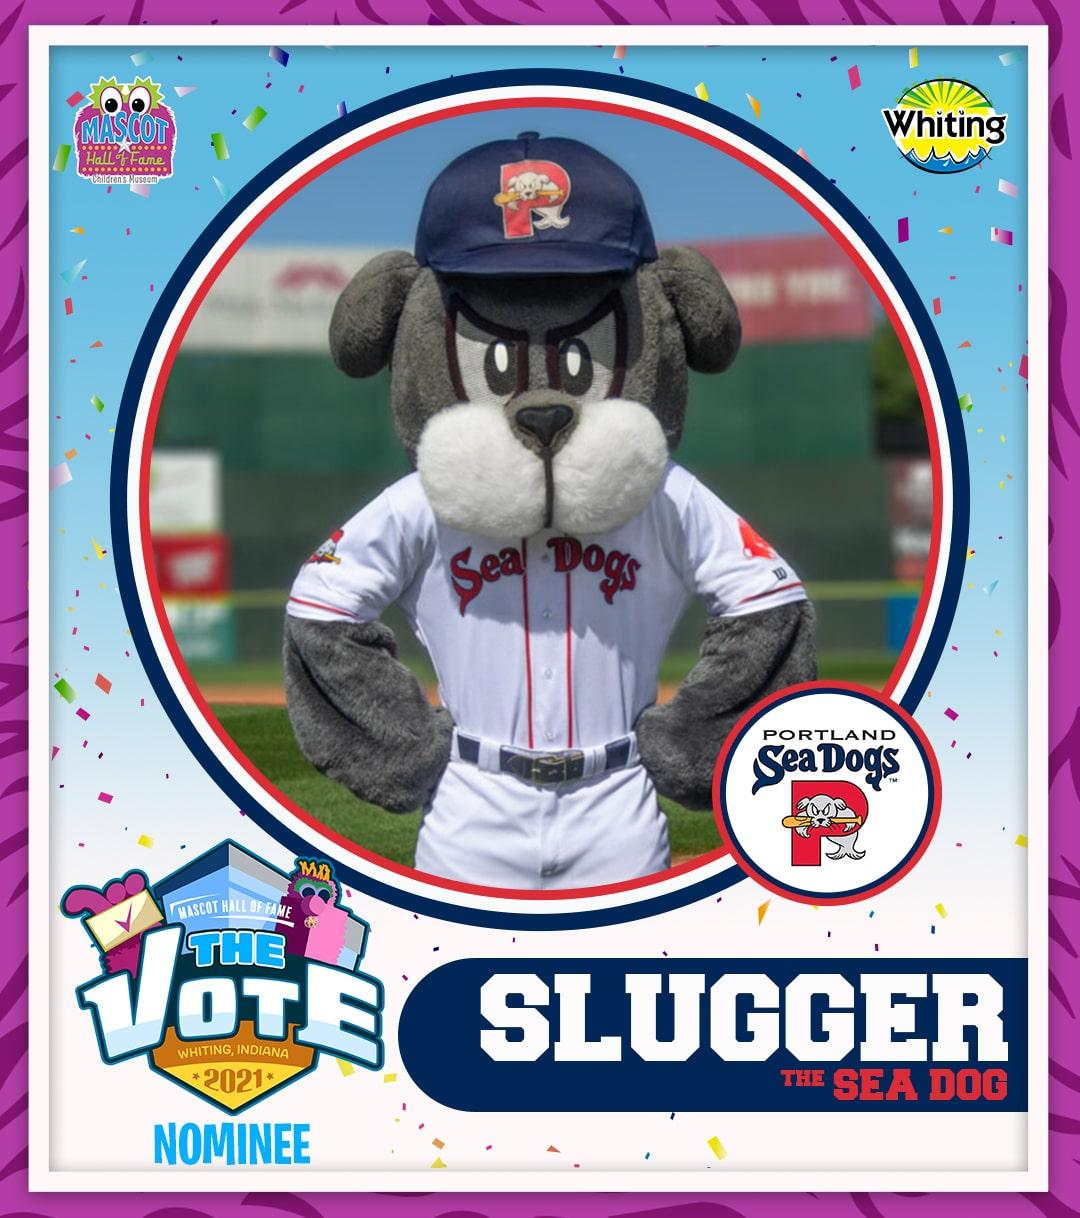 Slugger the Sea Dog photo